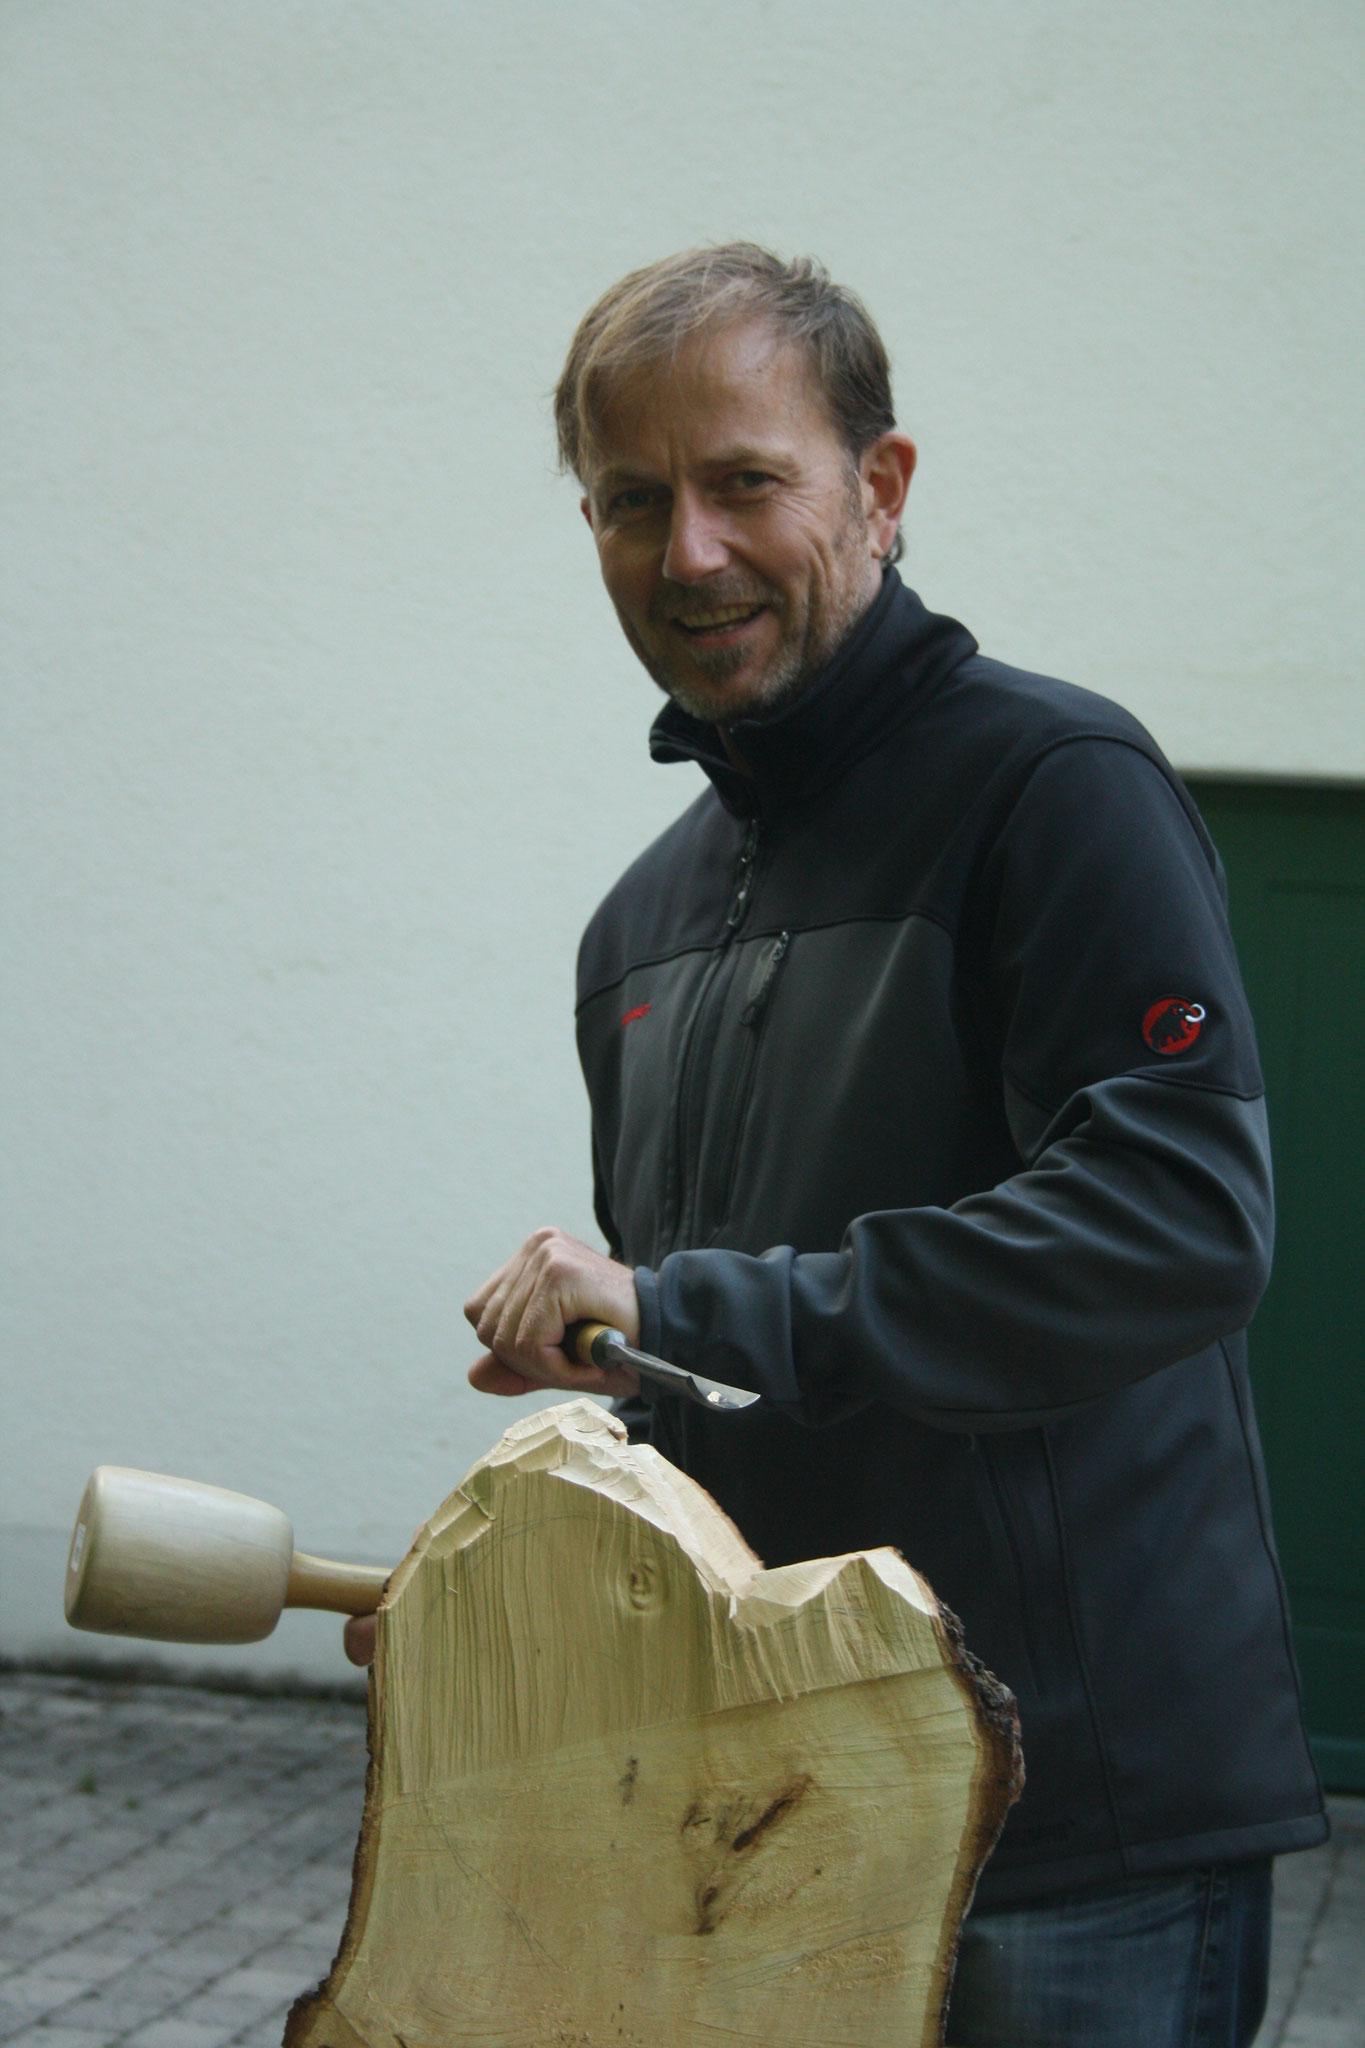 Bildhauerei mit Holz